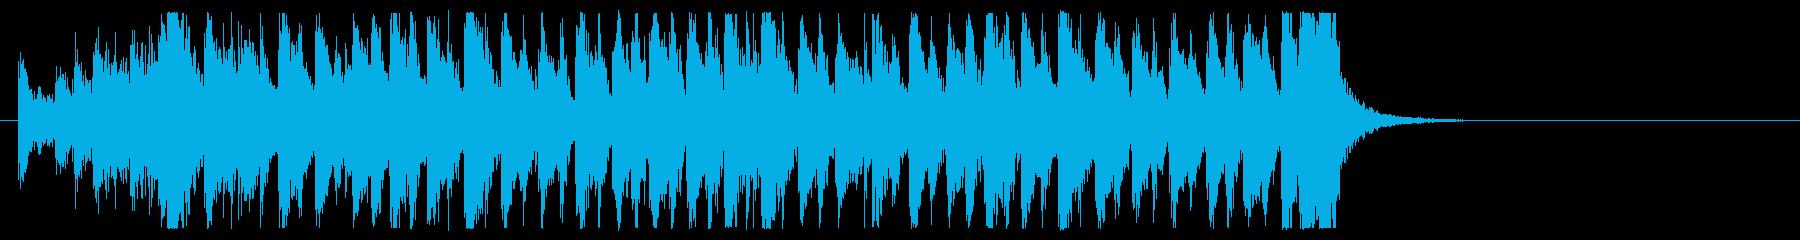 三味線 太鼓のアンサンブル BPM136の再生済みの波形